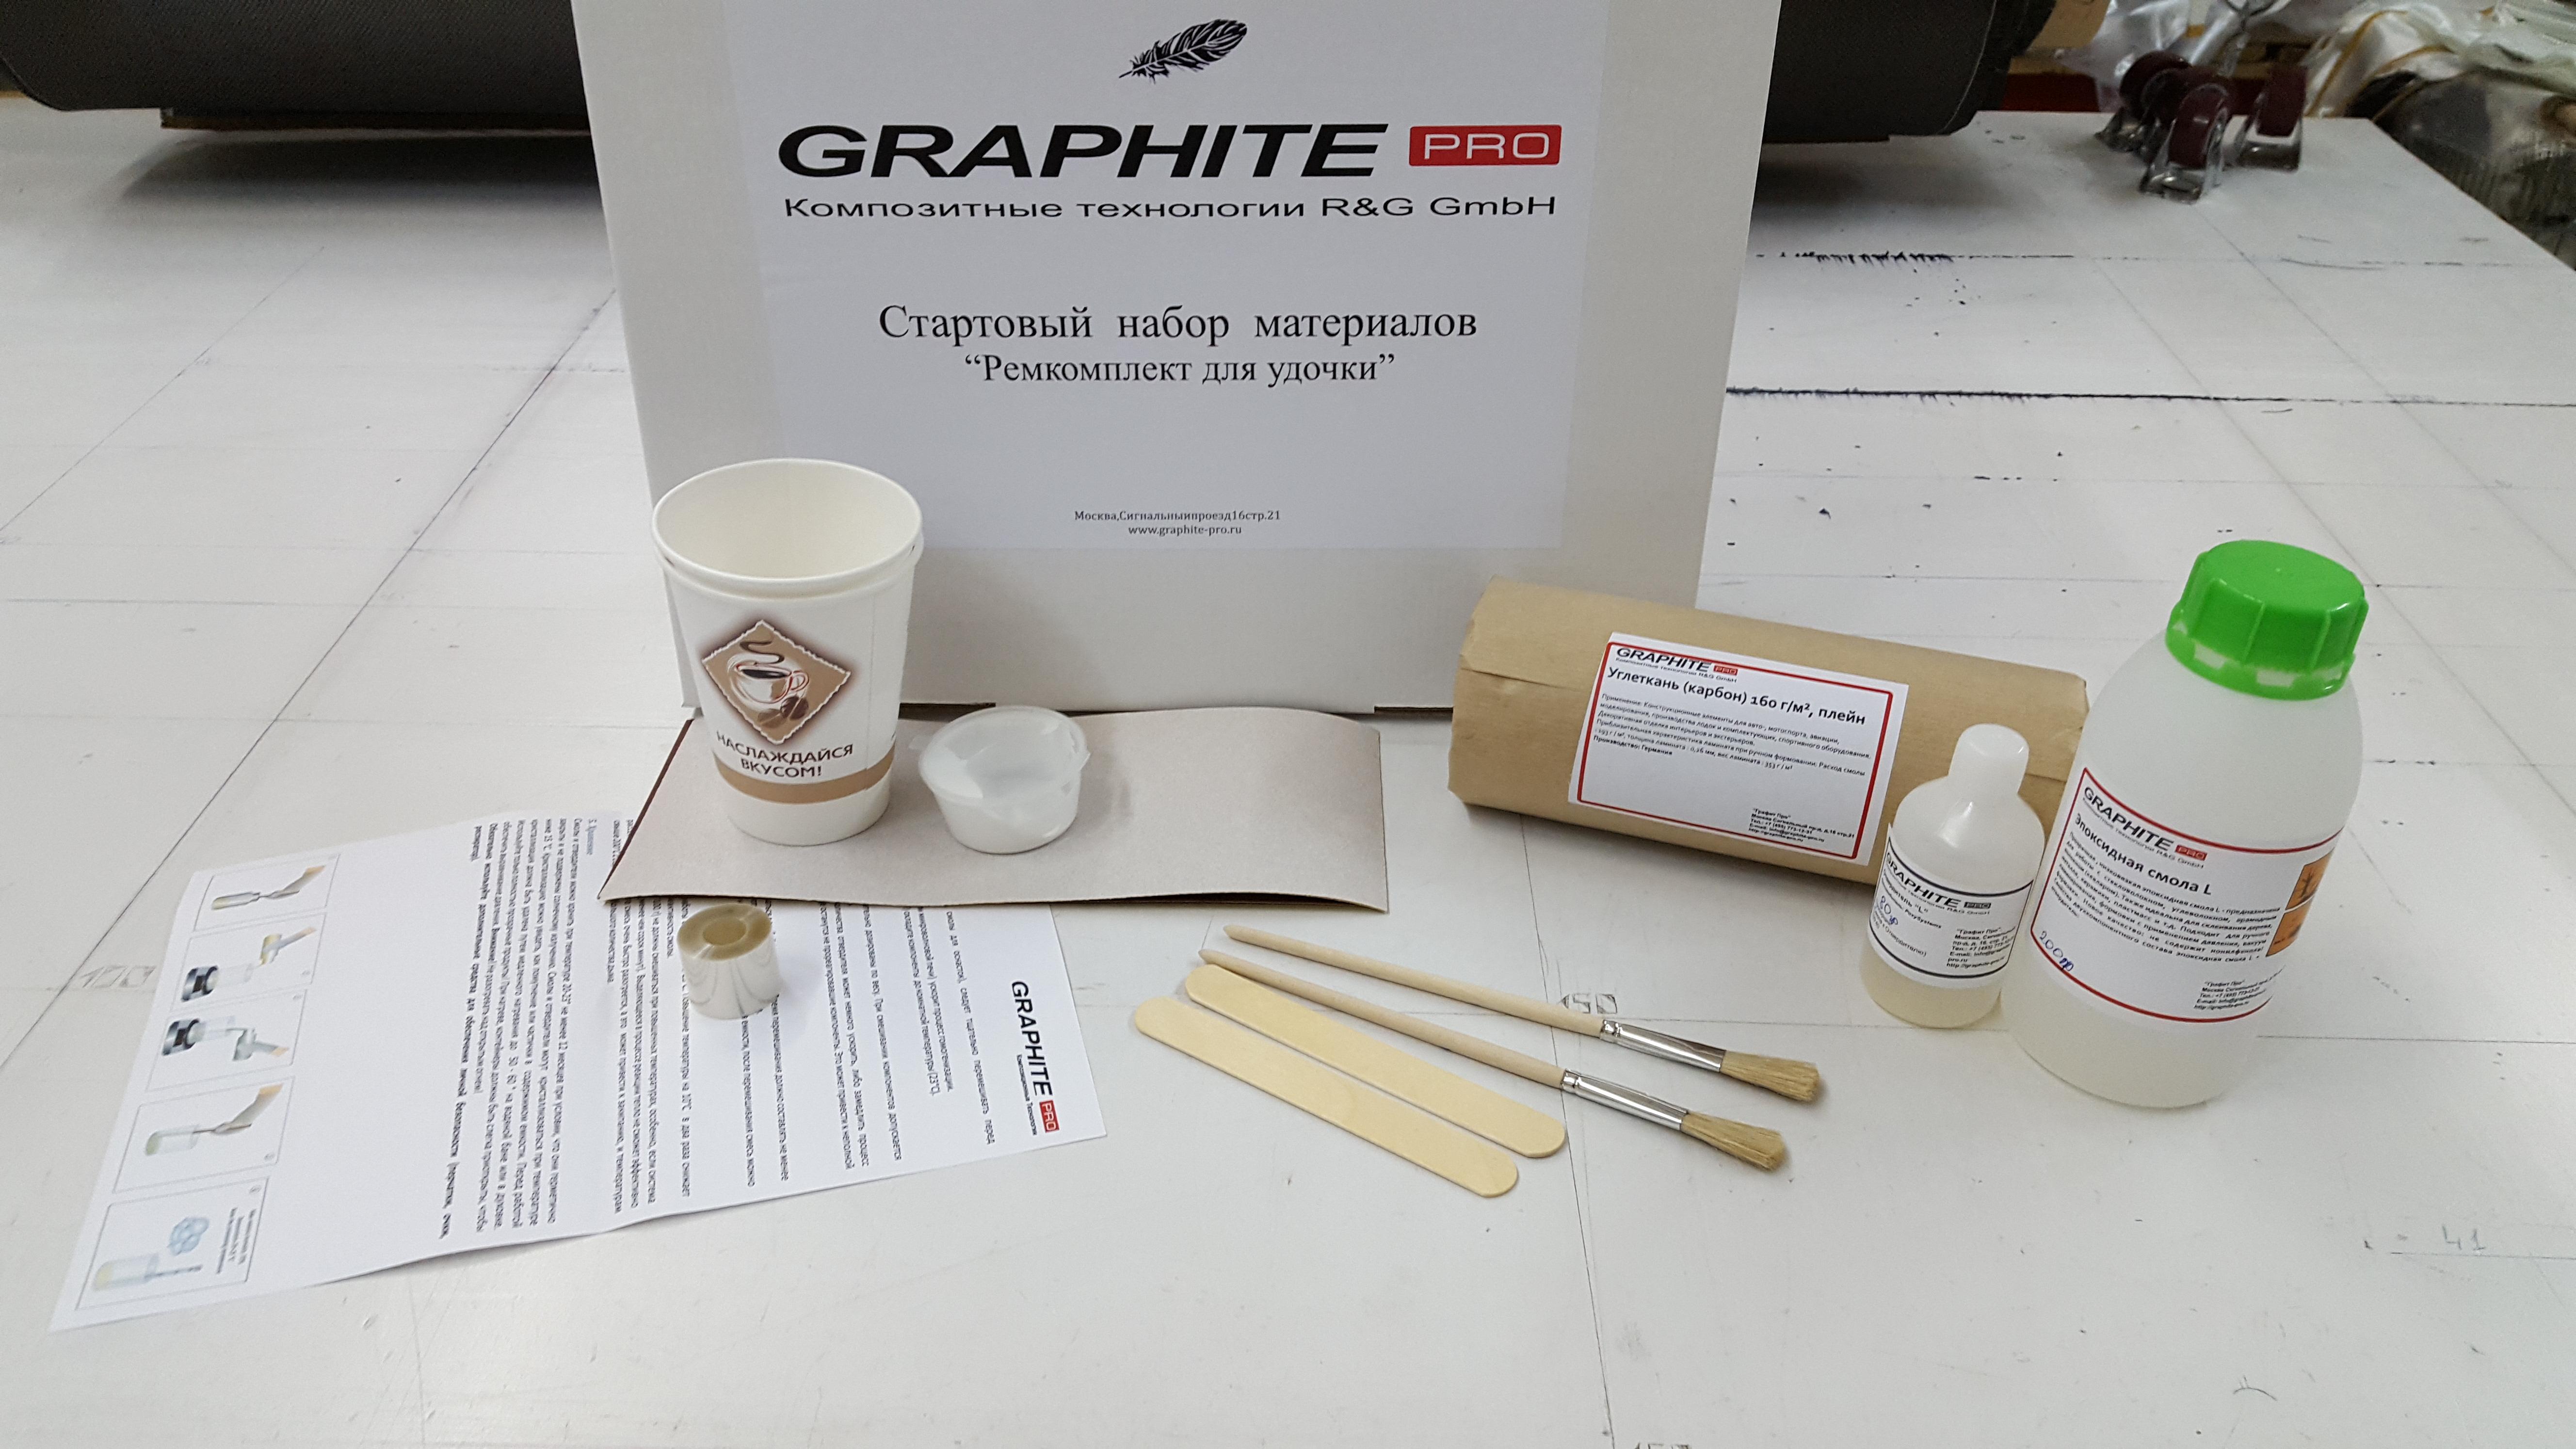 Стартовый набор материалов для ремонта удочки